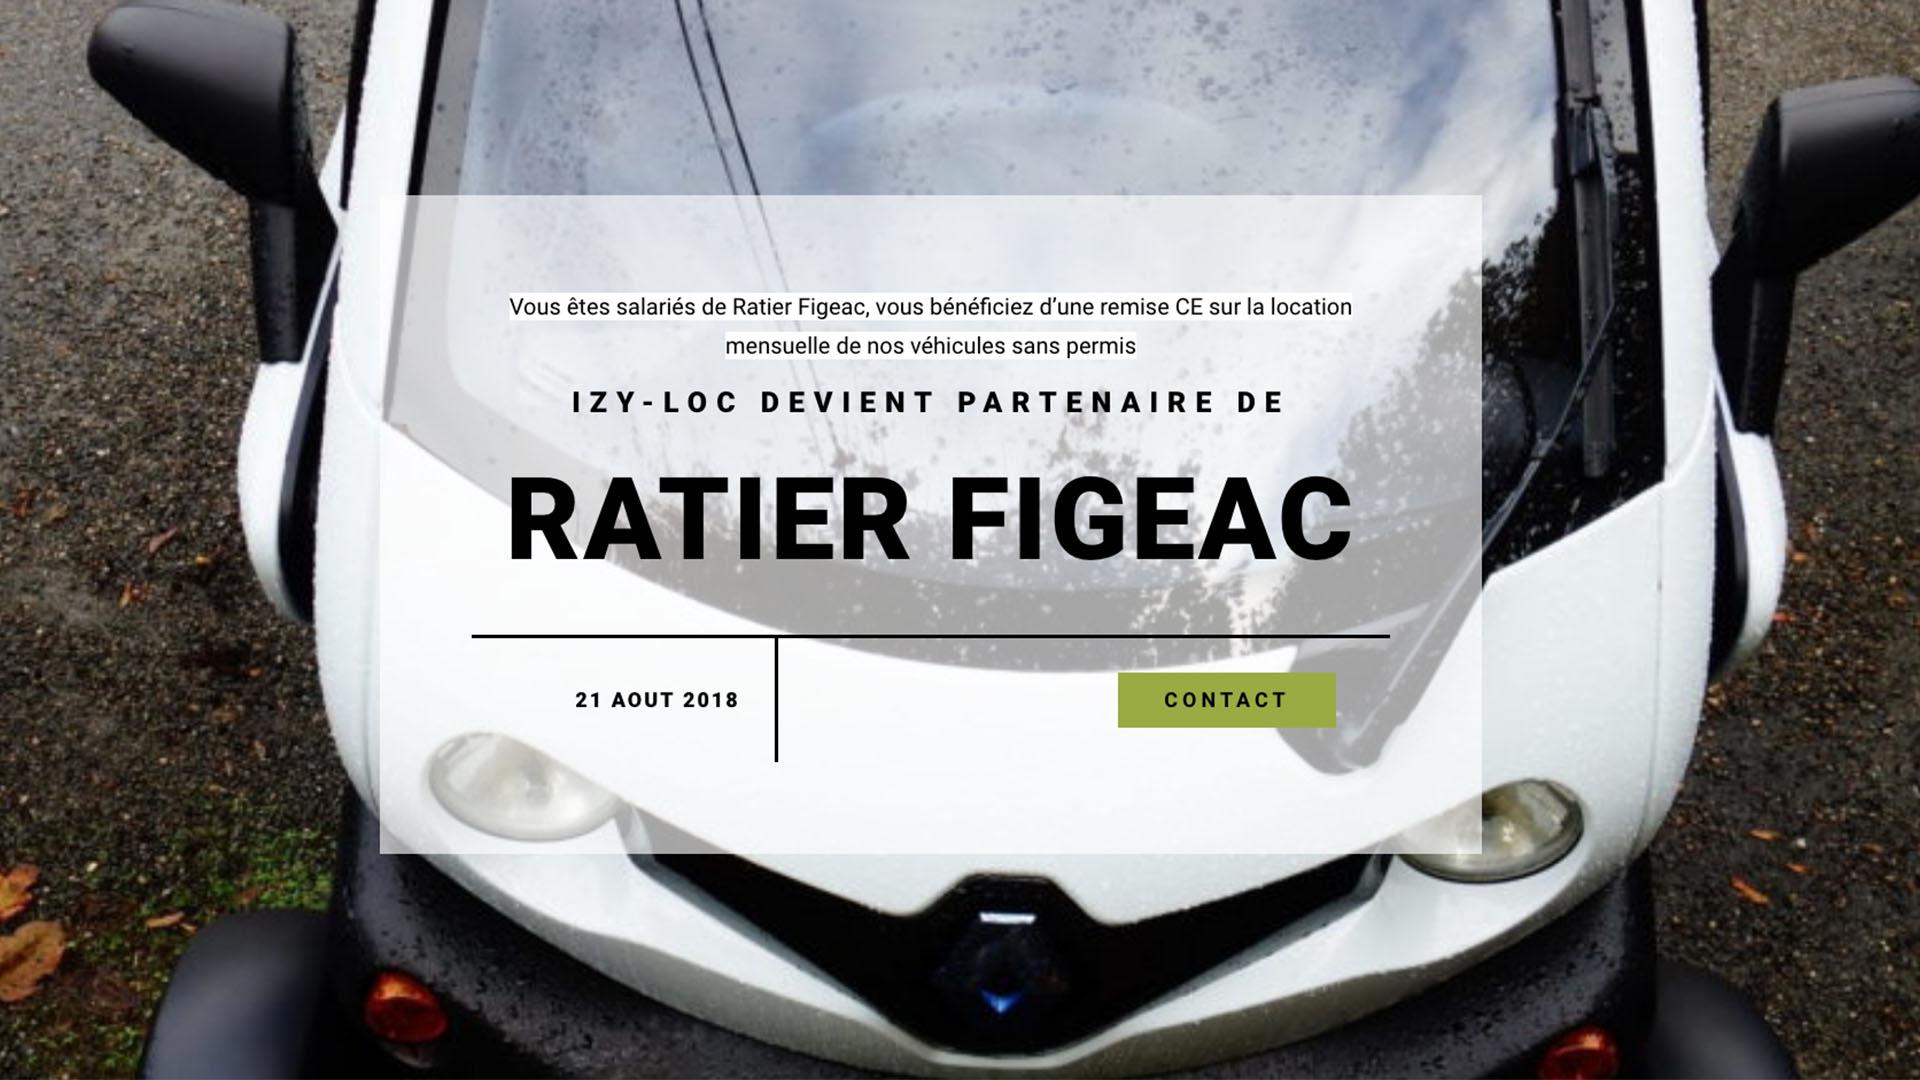 Partenariat Izy-loc Ratier